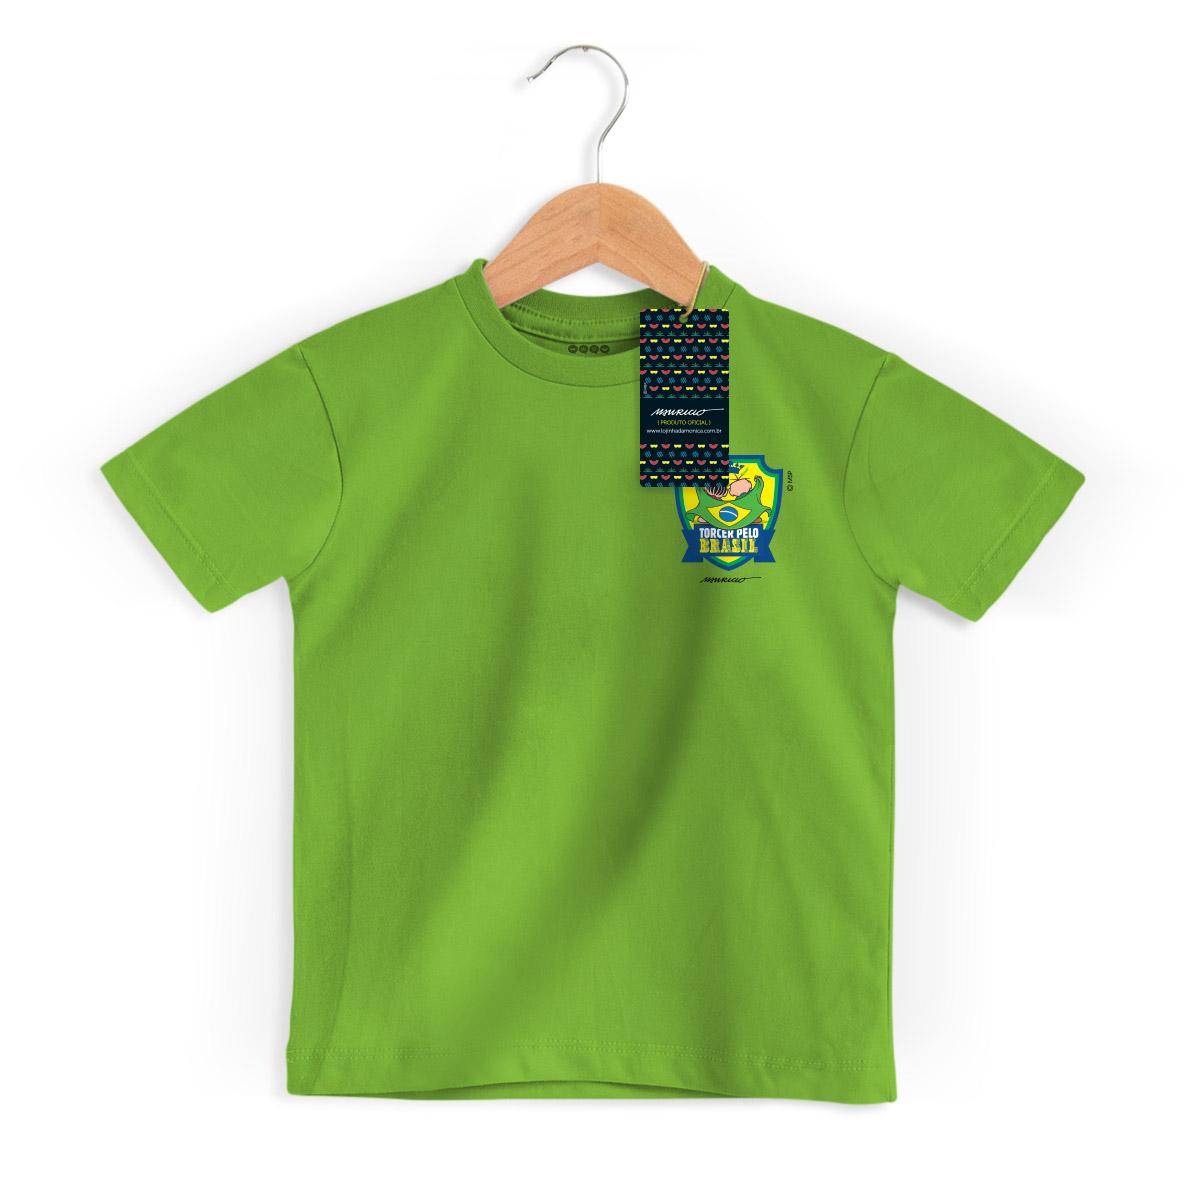 Camiseta Infantil Turma da Mônica Brasão Mônica e Cebolinha